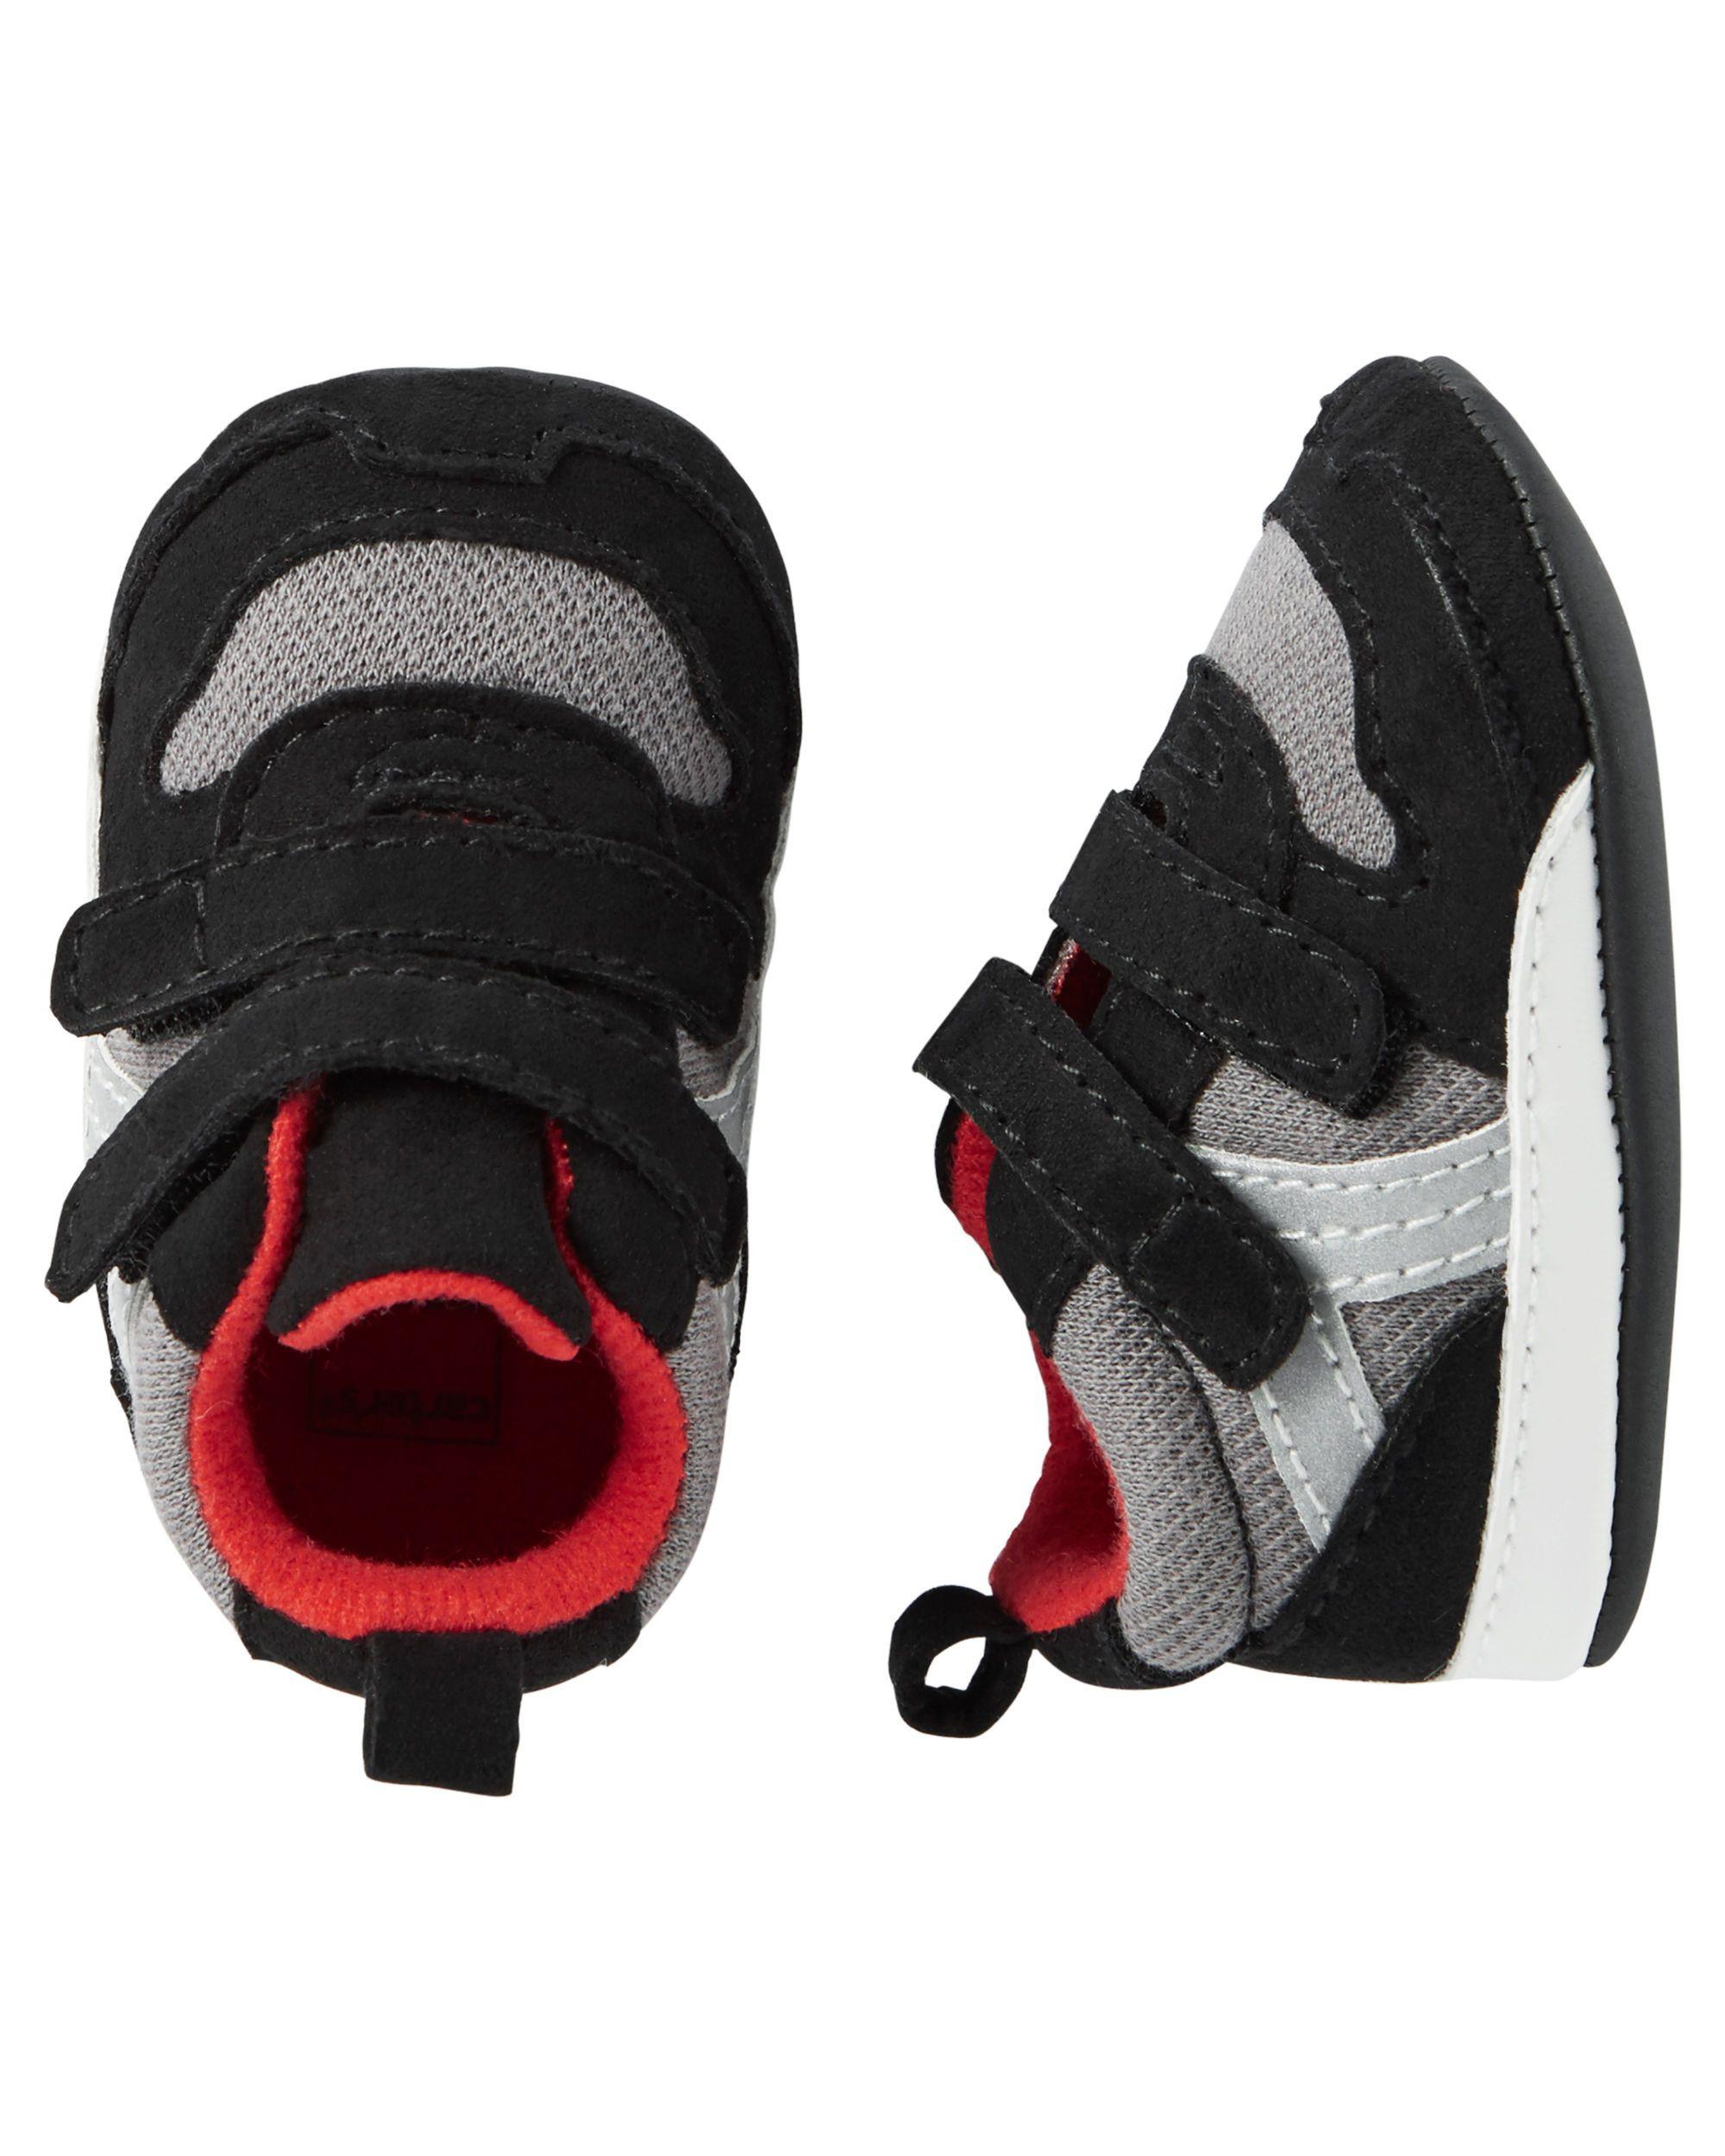 90a953fda7ed3 Baby Boy Carter s Sneaker Crib Shoes